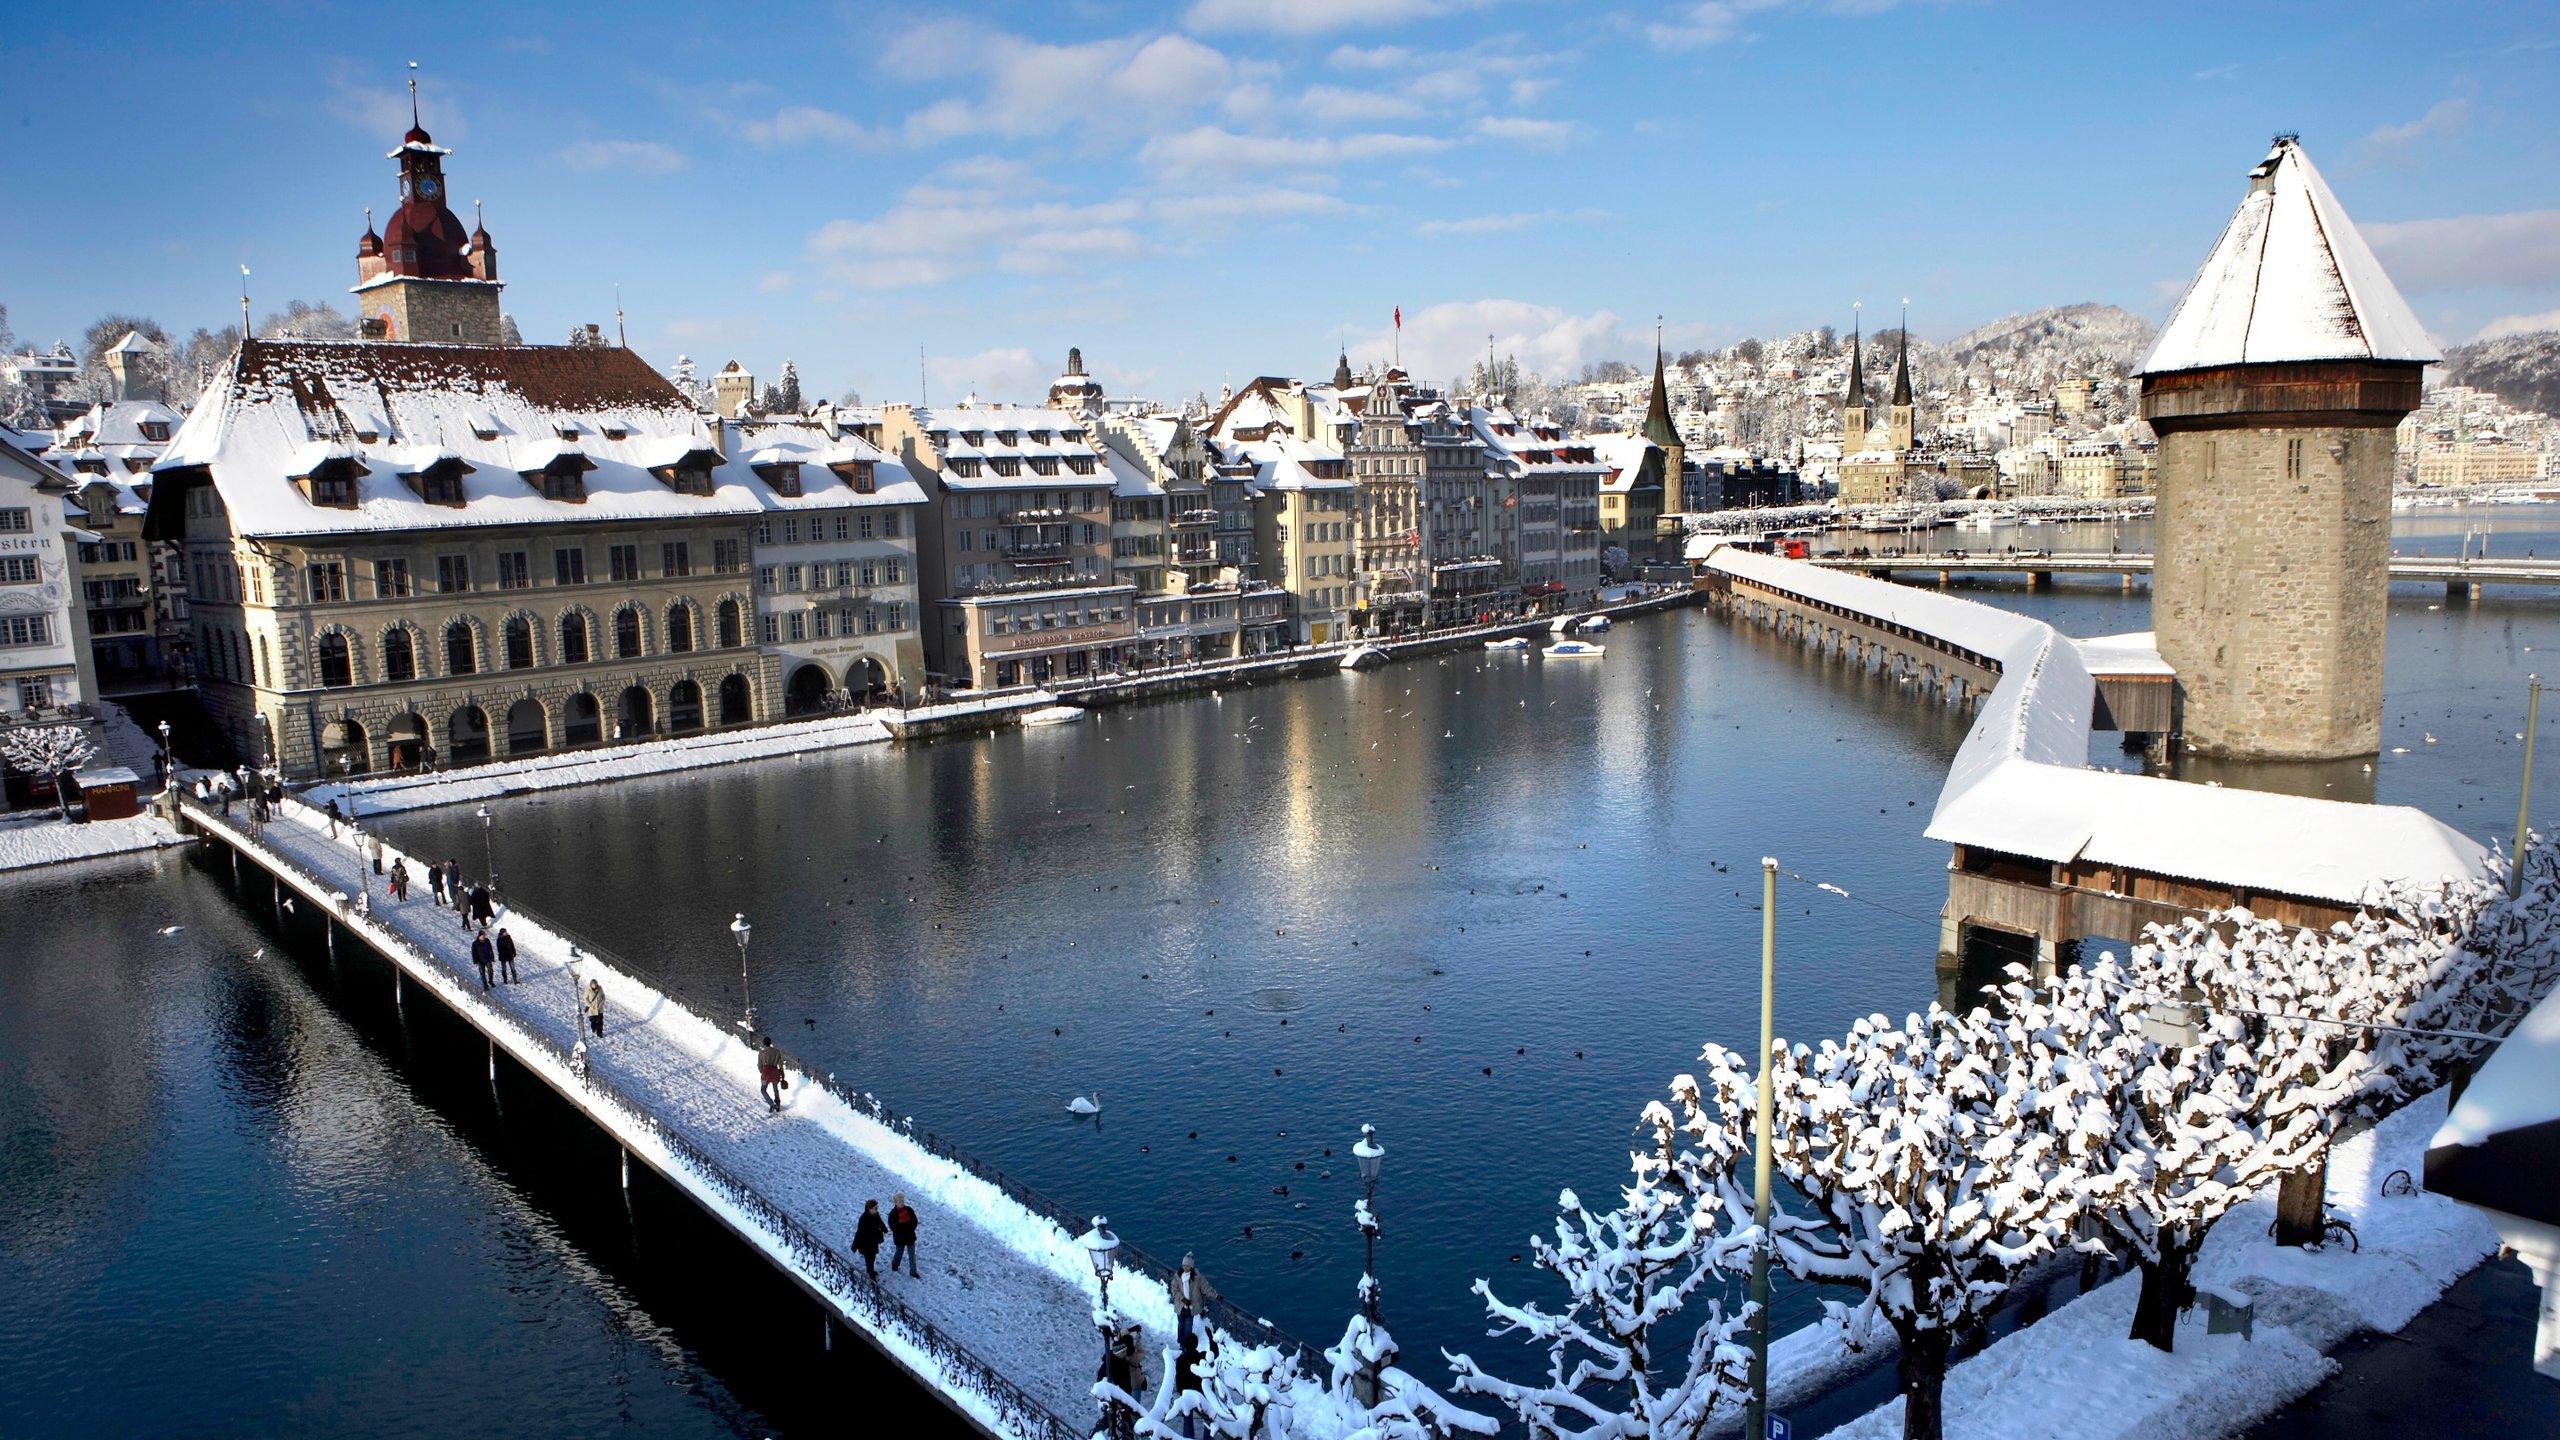 Luzern, Kanton Luzern, Schweiz